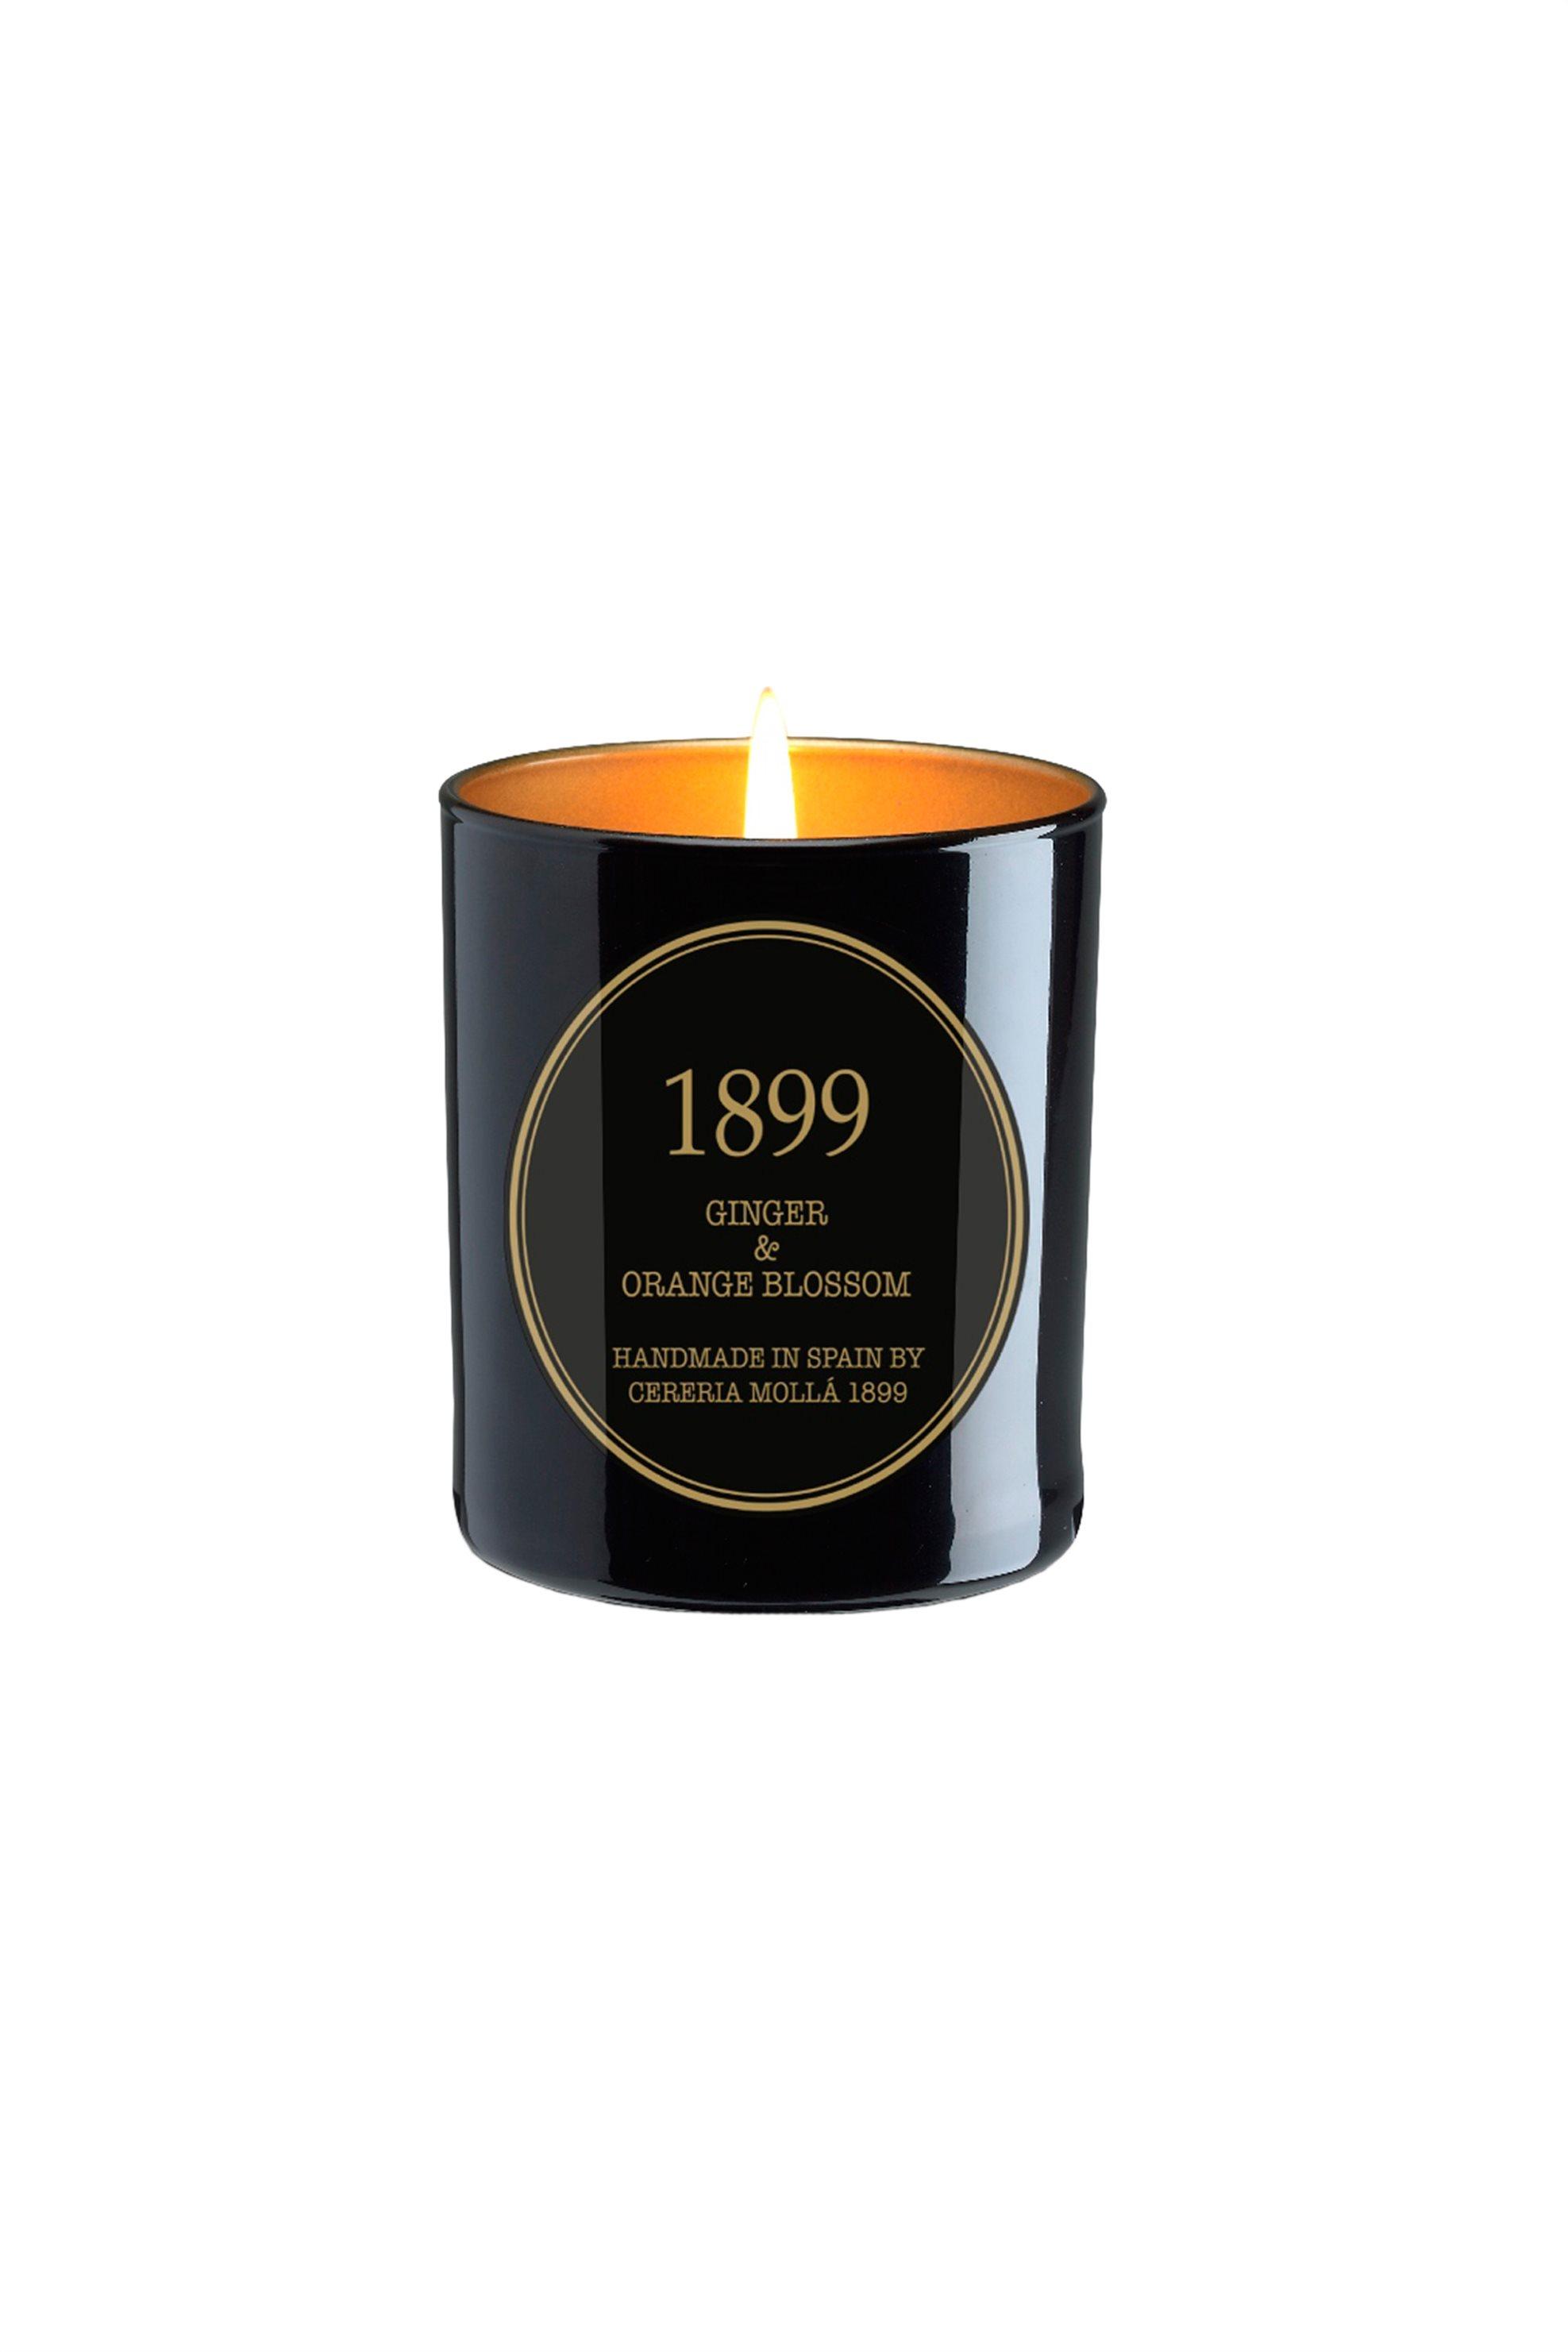 Cereria Mollá 1899 αρωματικό κερί Gold Edition Ginger & Orange Blossom - 6670 home   σαλονι   αρωματικά χώρου